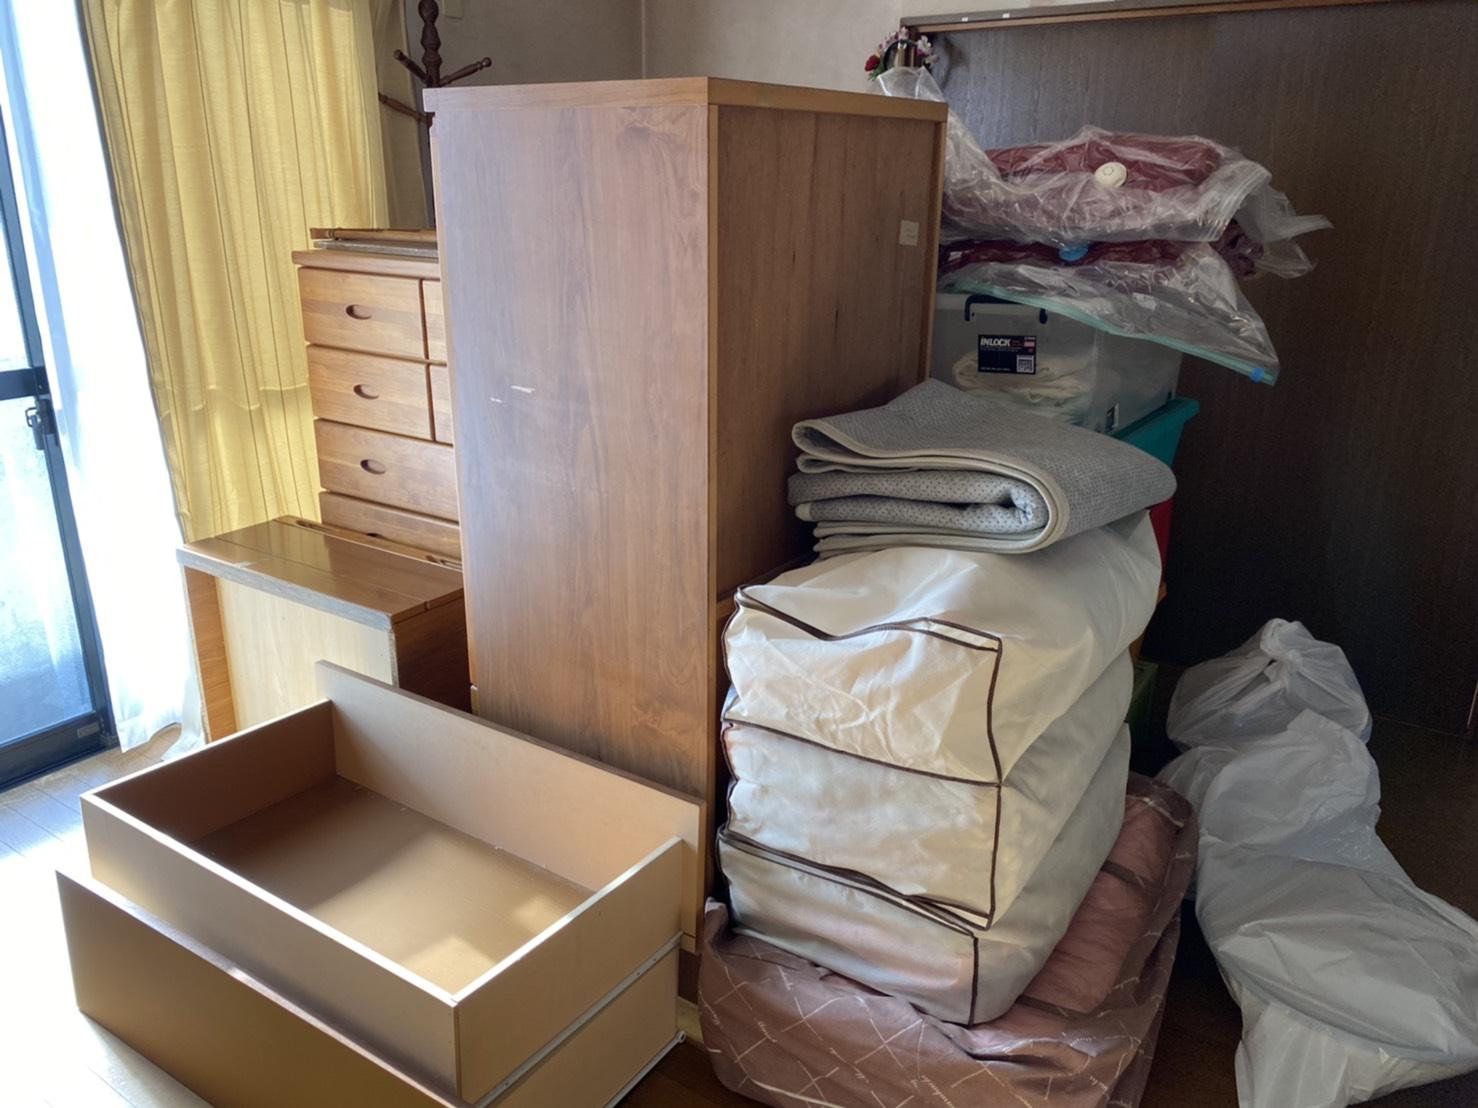 布団、タンスなどの不用品の回収前